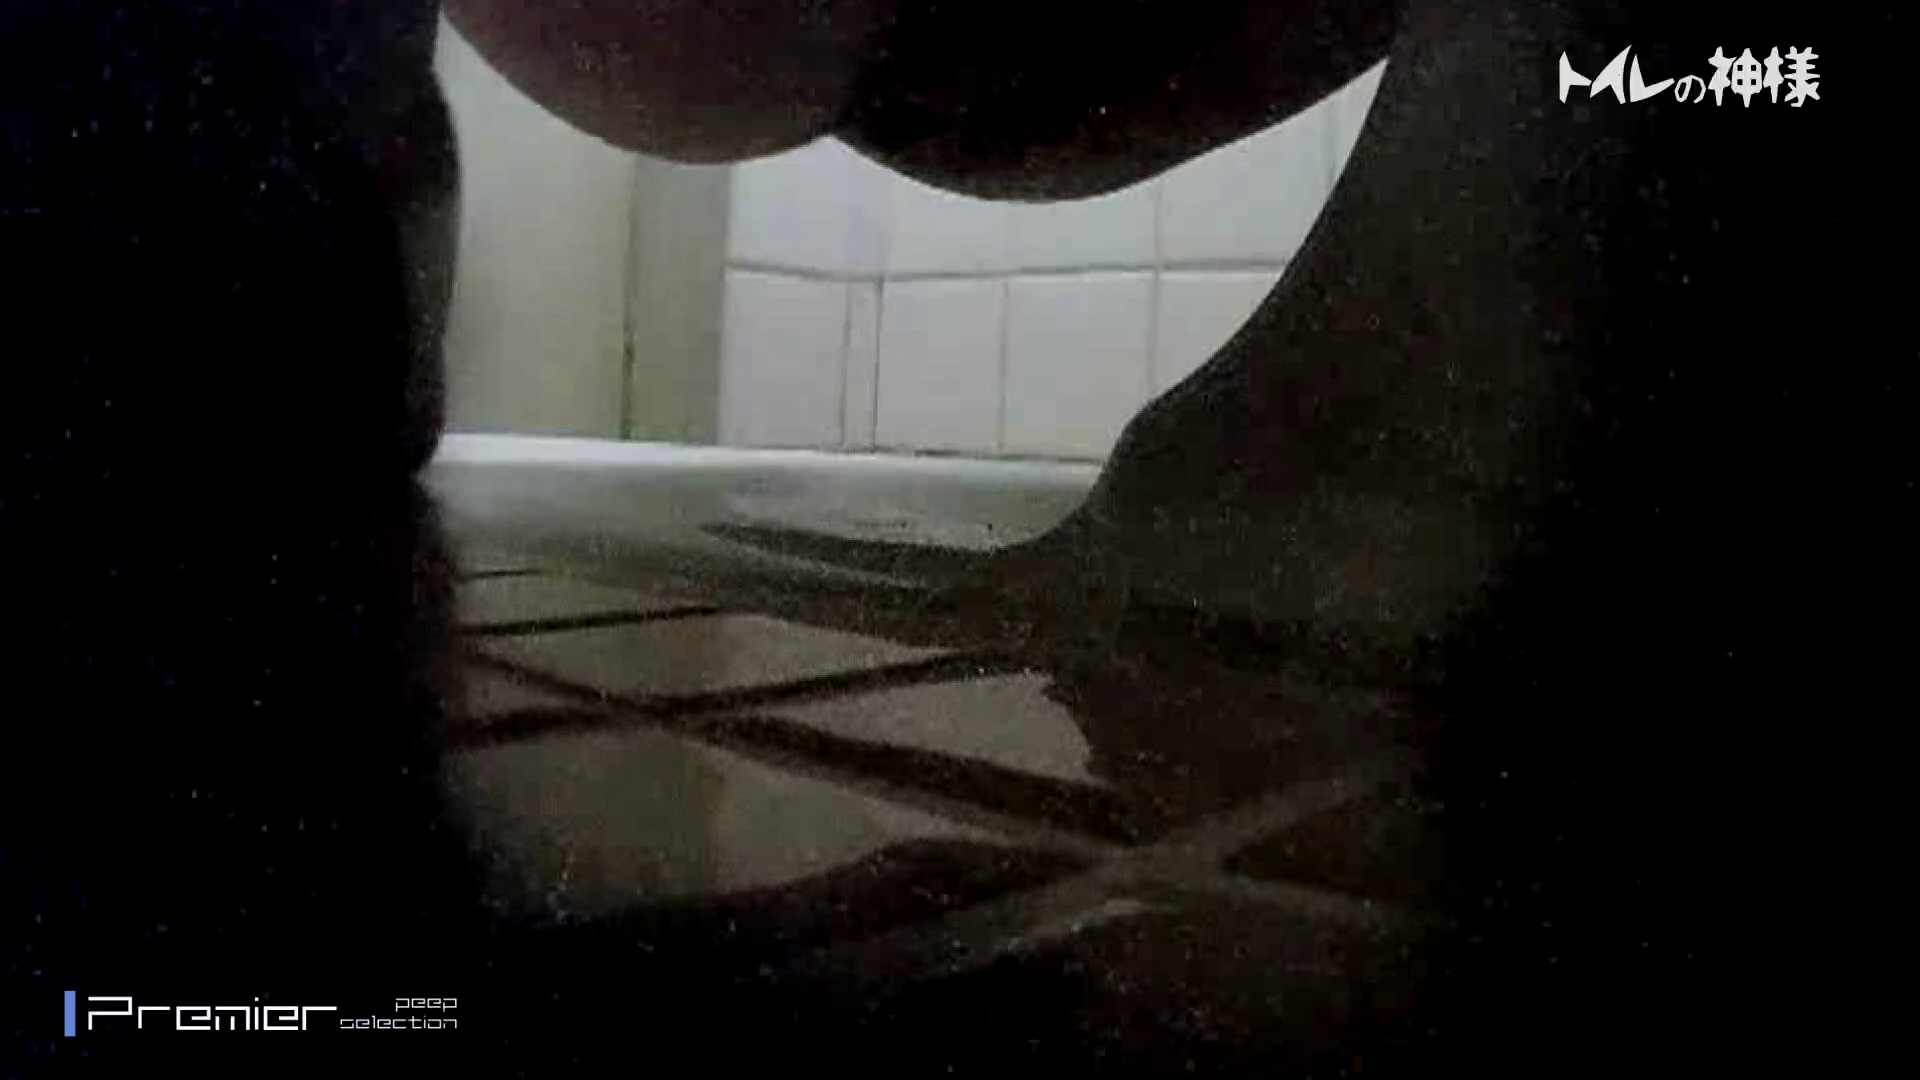 kyouko排泄 うんこをたくさん集めました。トイレの神様 Vol.14 トイレ | 排泄  53pic 41